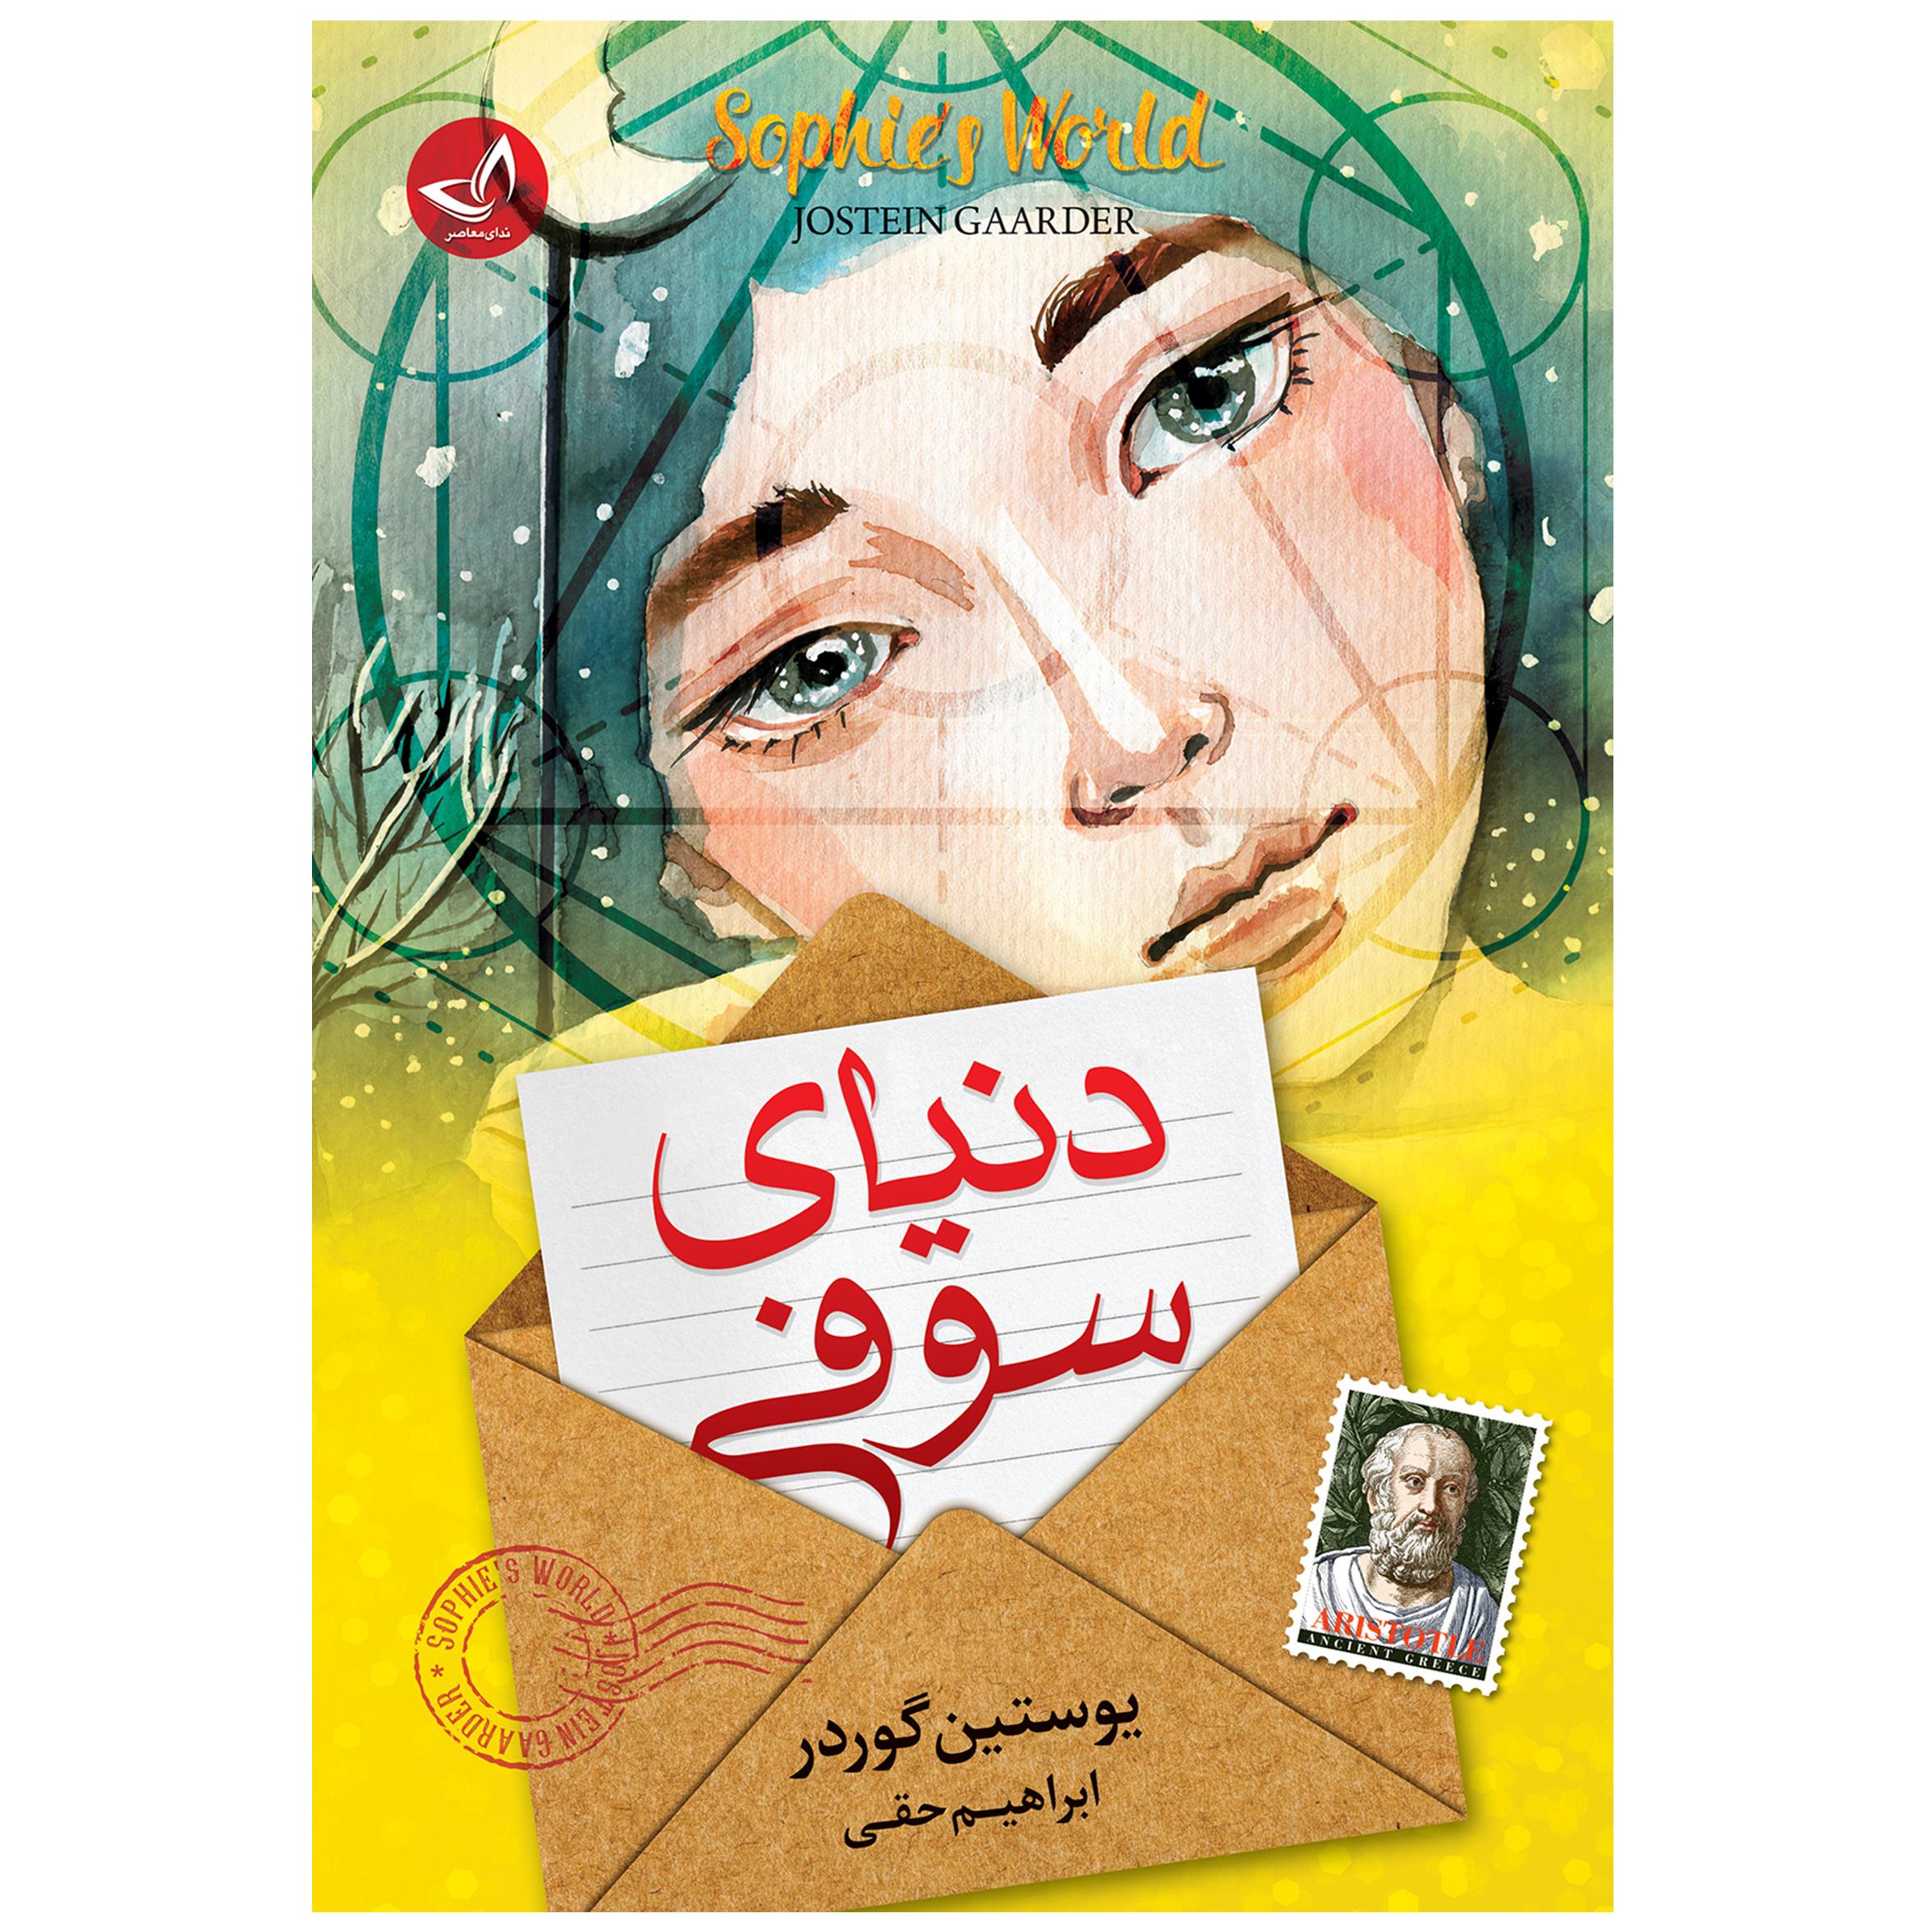 کتاب دنیای سوفی اثر یوستین گوردر نشر ندای معاصر